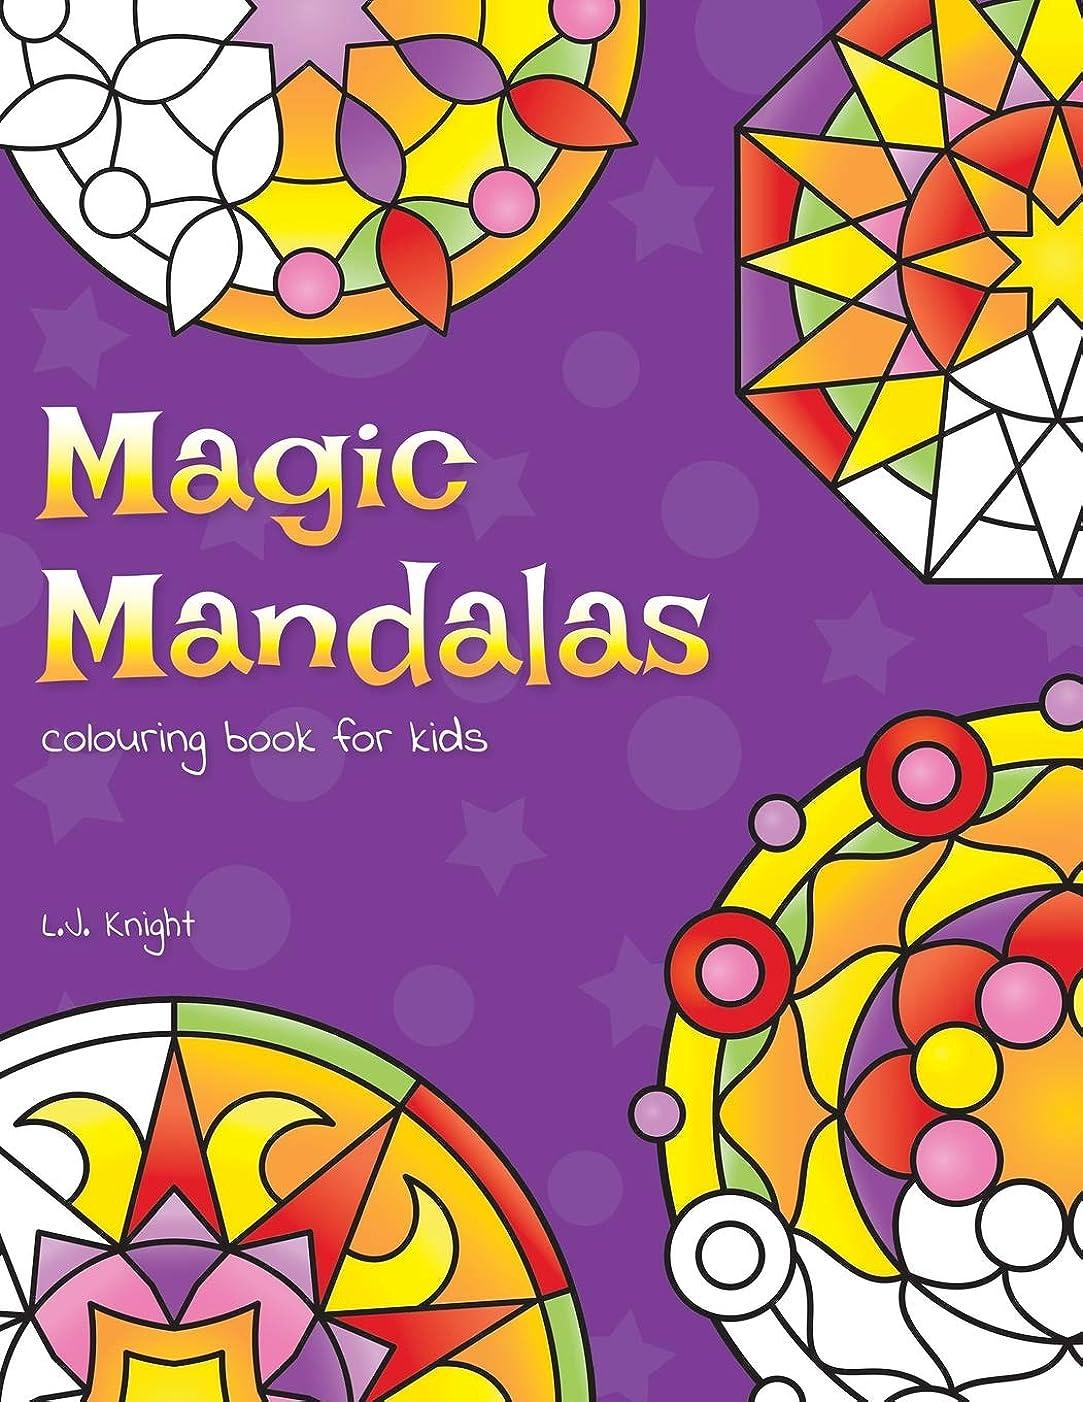 孤児することになっている乱れMagic Mandalas Colouring Book For Kids: 50 Easy and Calming Abstract Mandalas For Children